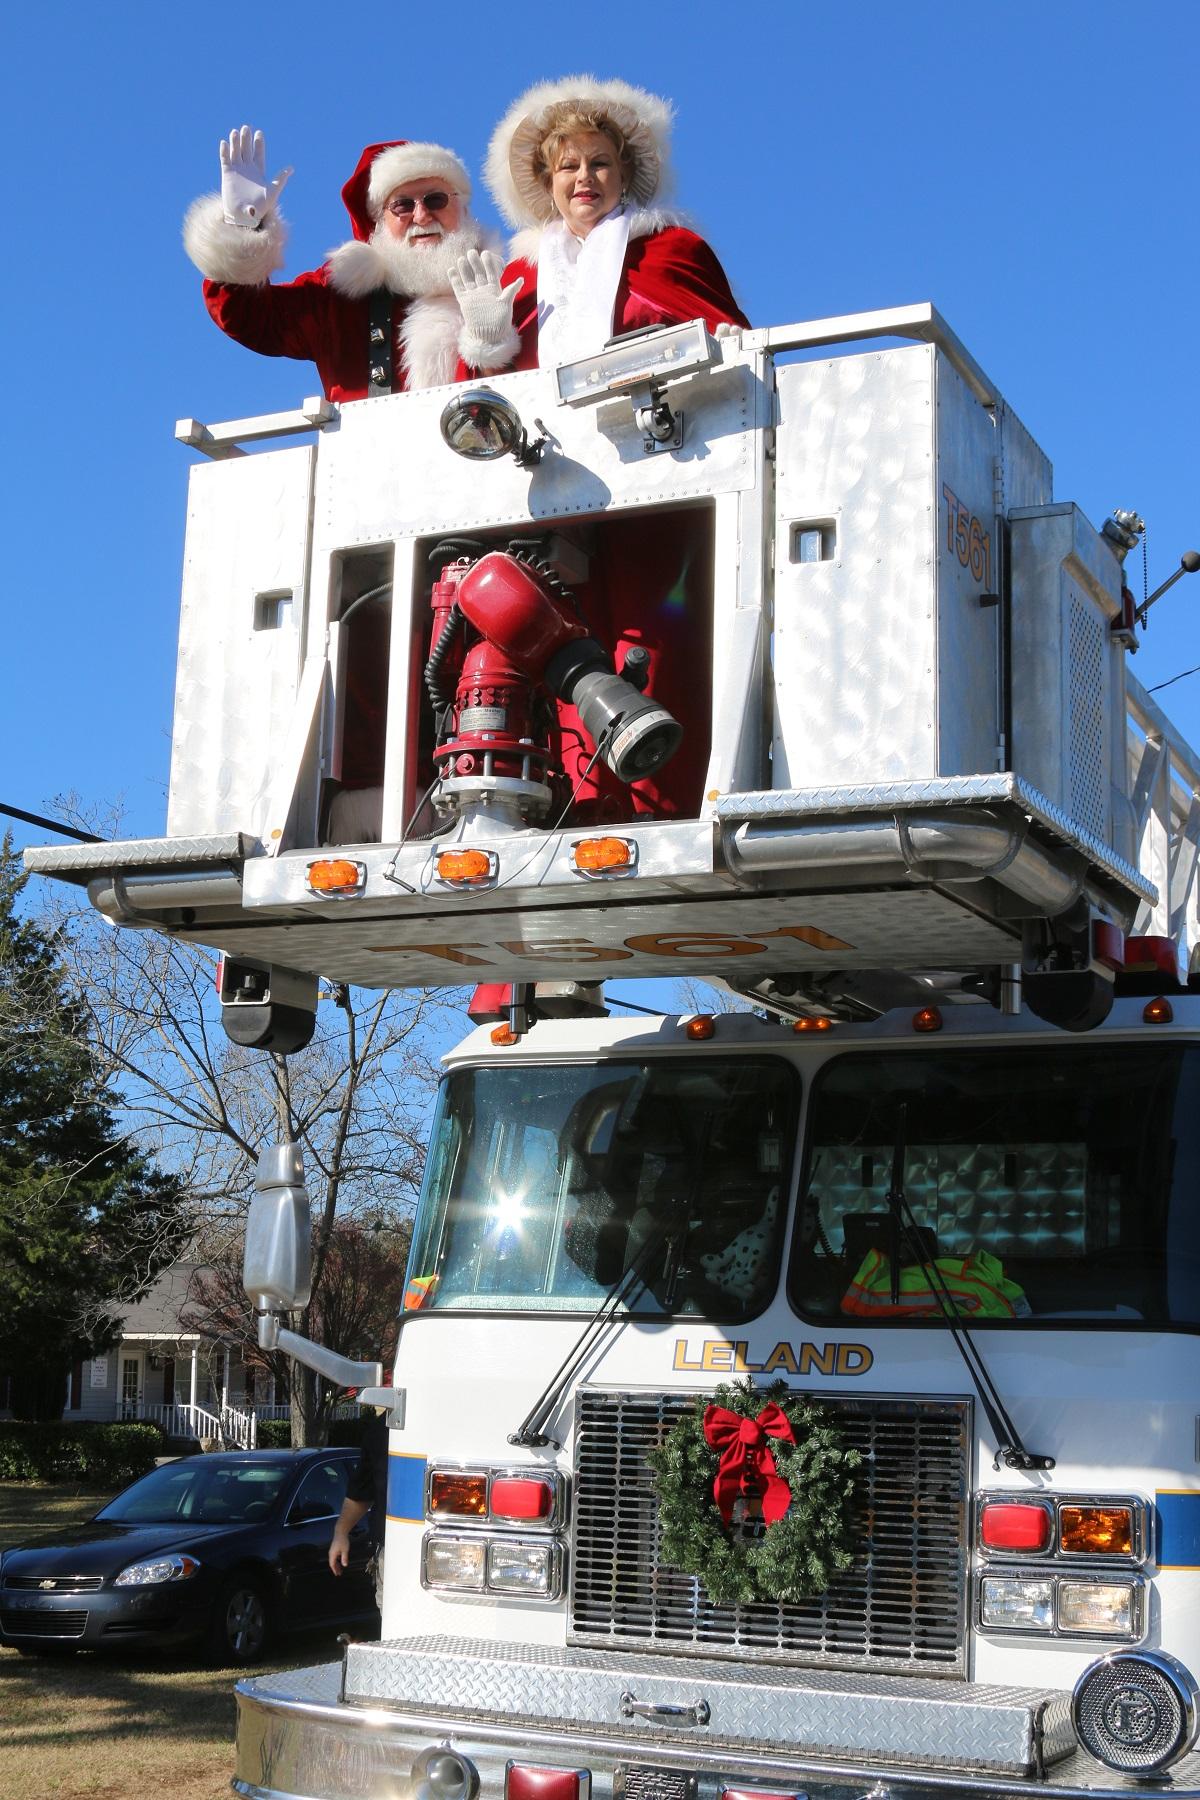 Leland Christmas Parade 2020 Leland Santa and Christmas Parade | Life In Brunswick County